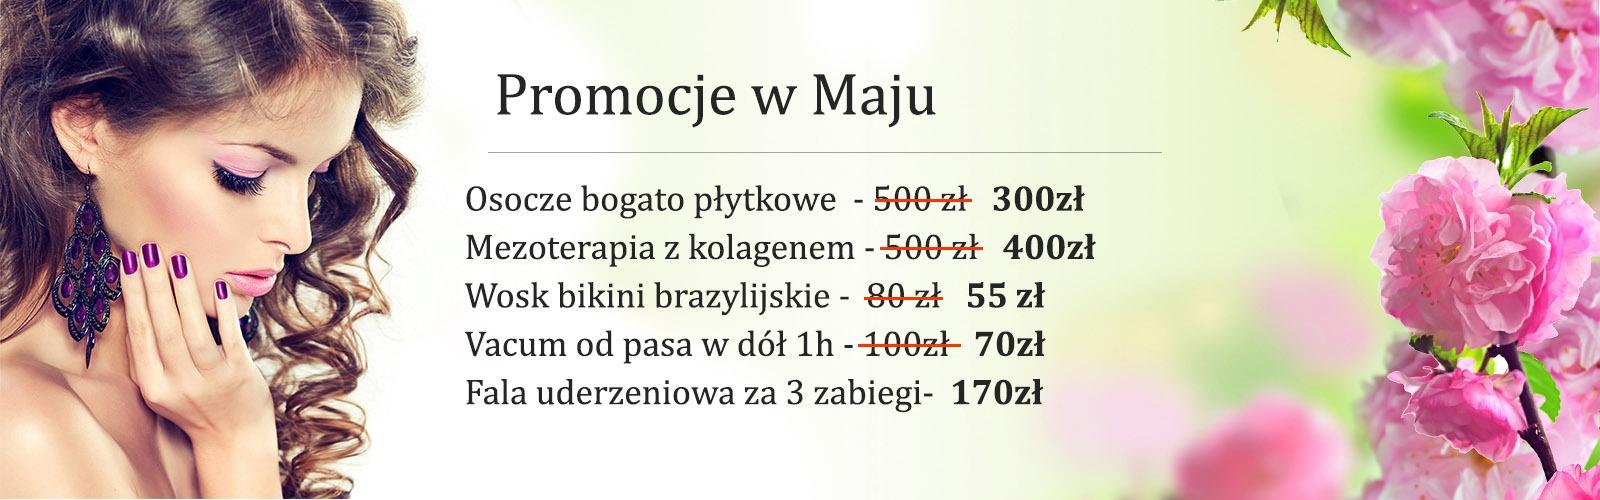 prom-maj